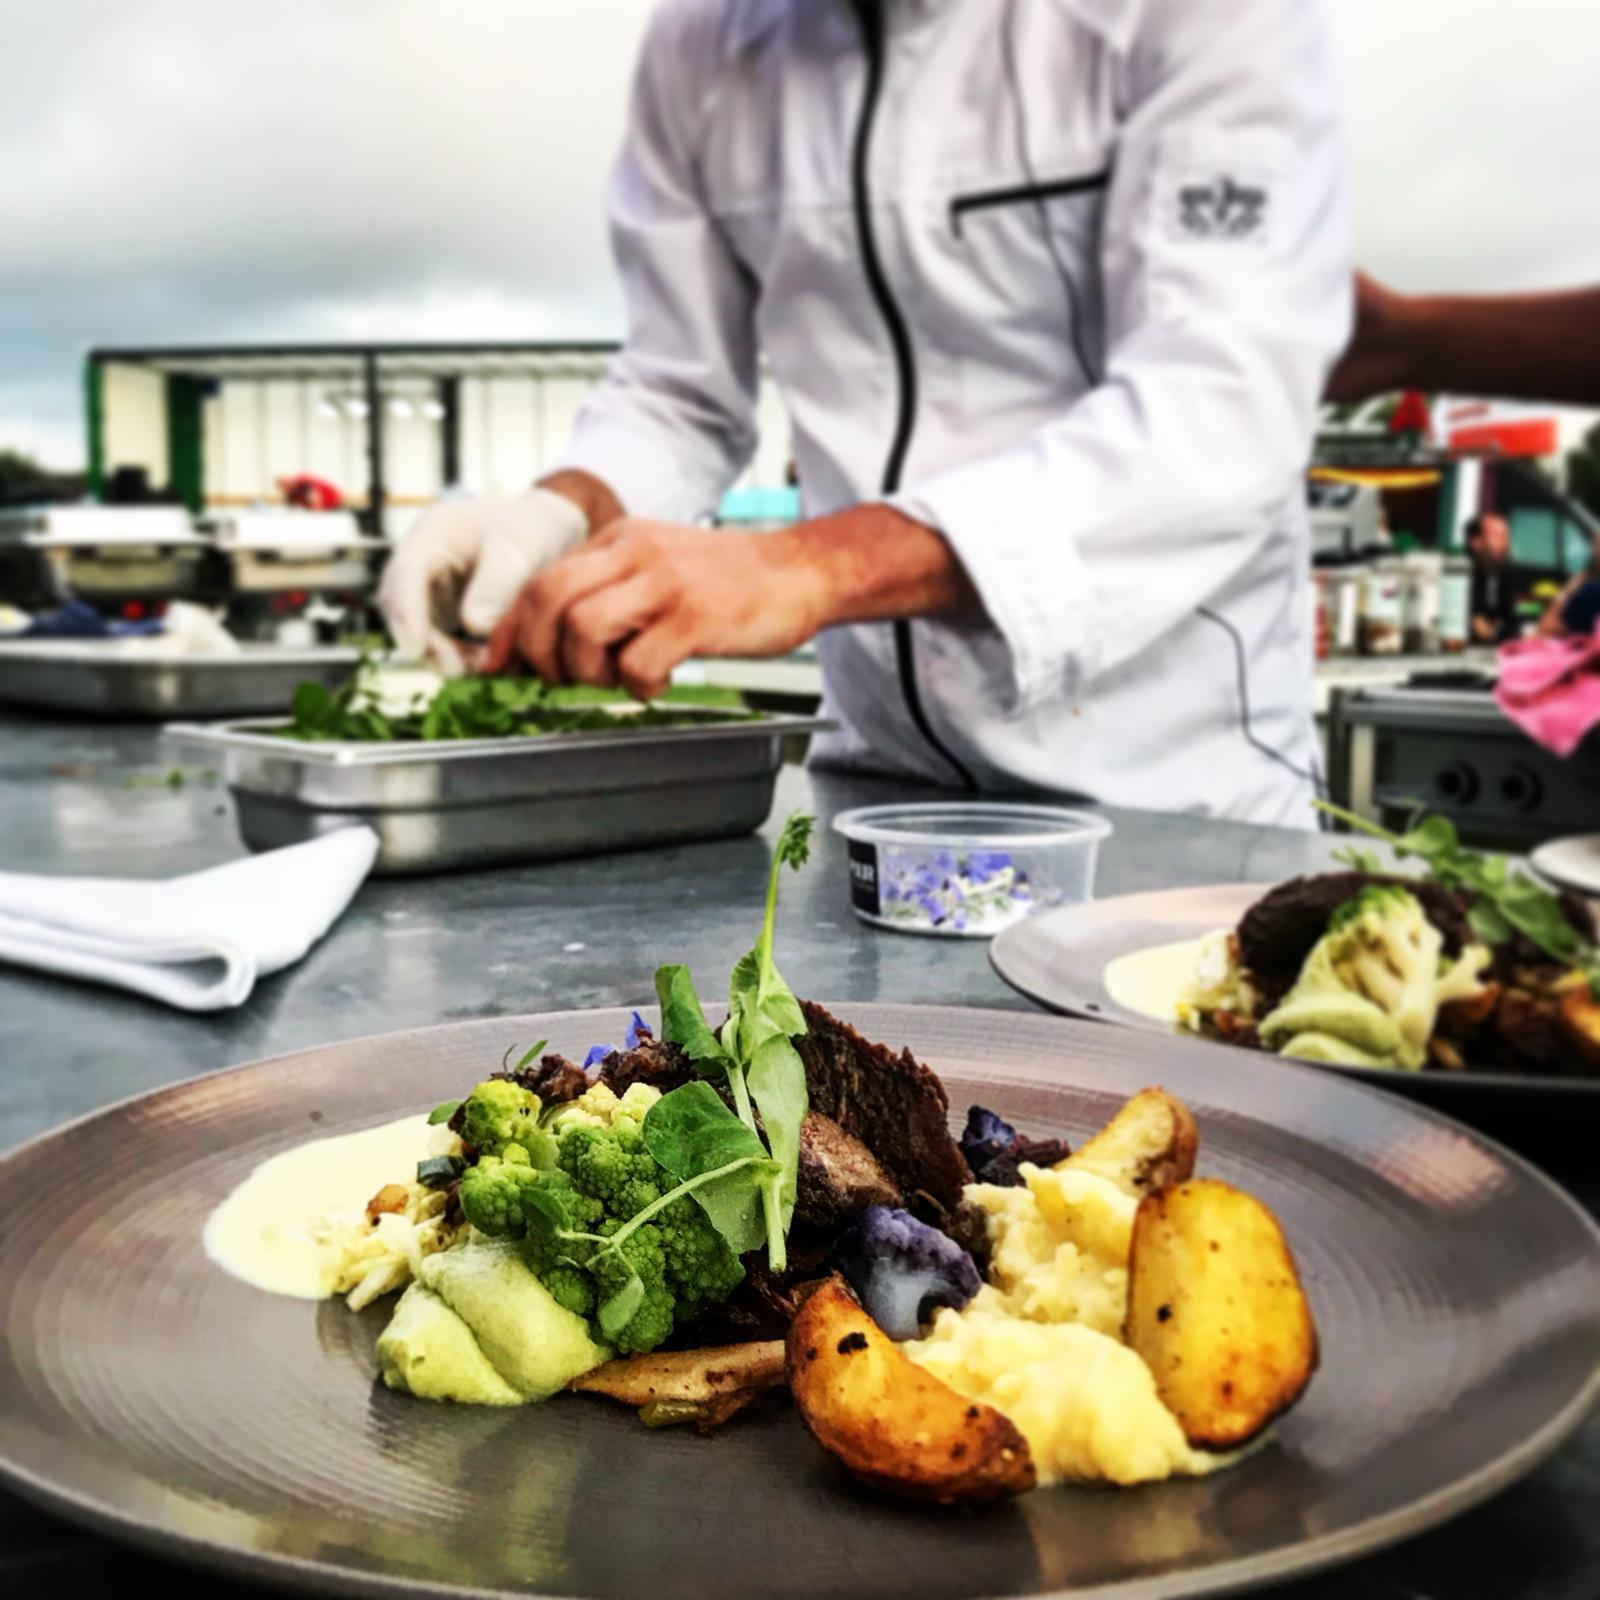 Foto bij persbericht NH Catering & Events group verzorgt Westfries diner